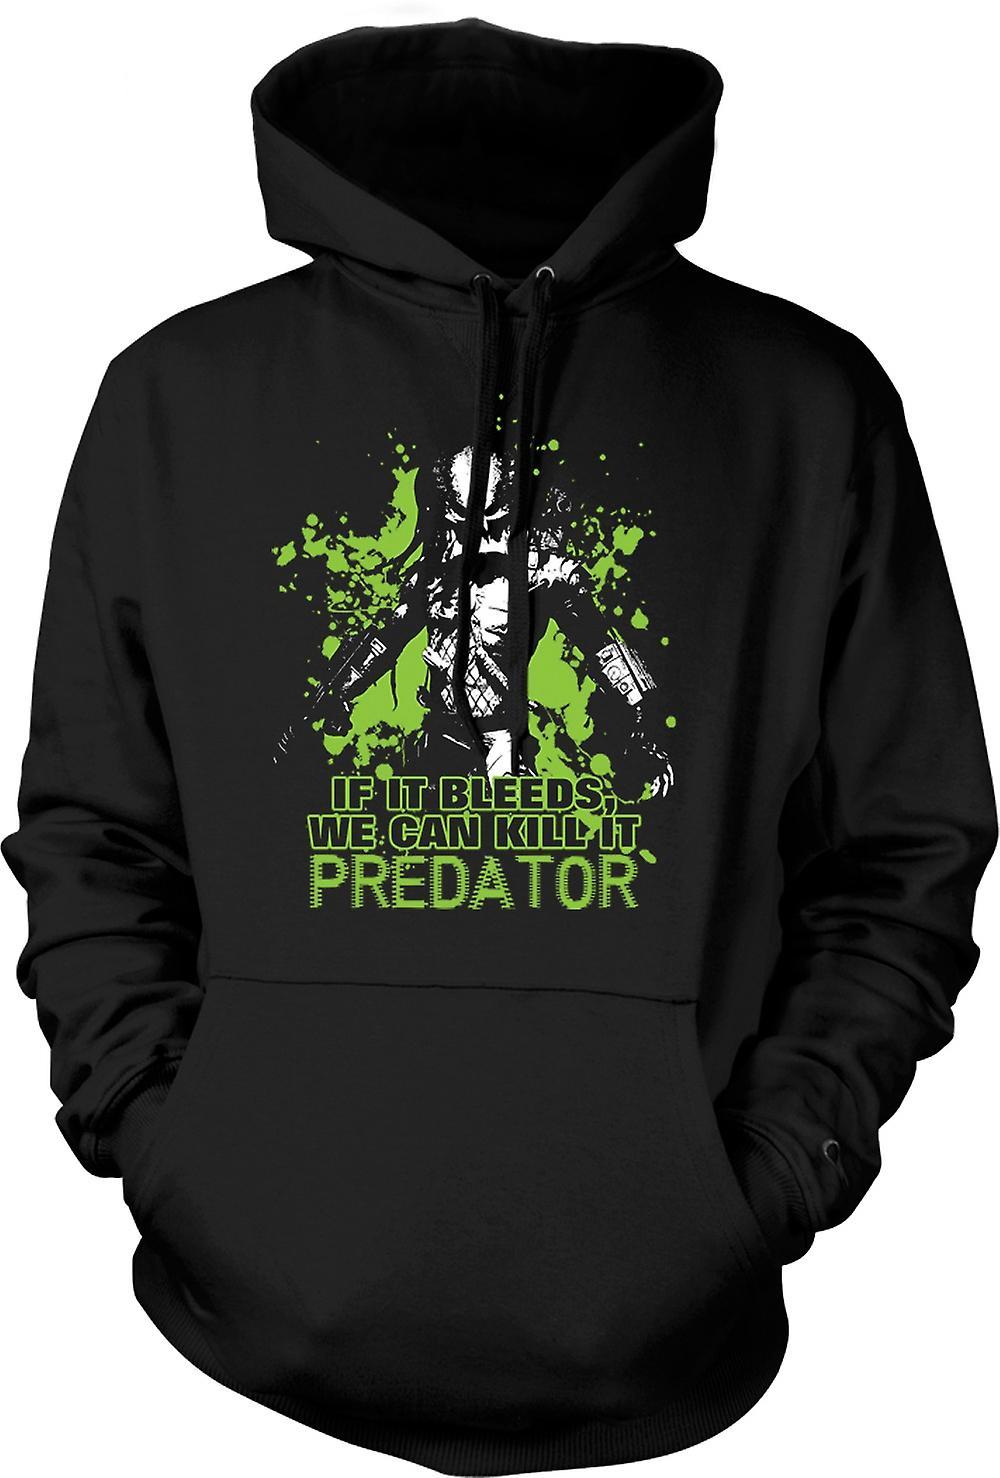 Mens Hoodie - Predator If It Bleeds We Can - Funny